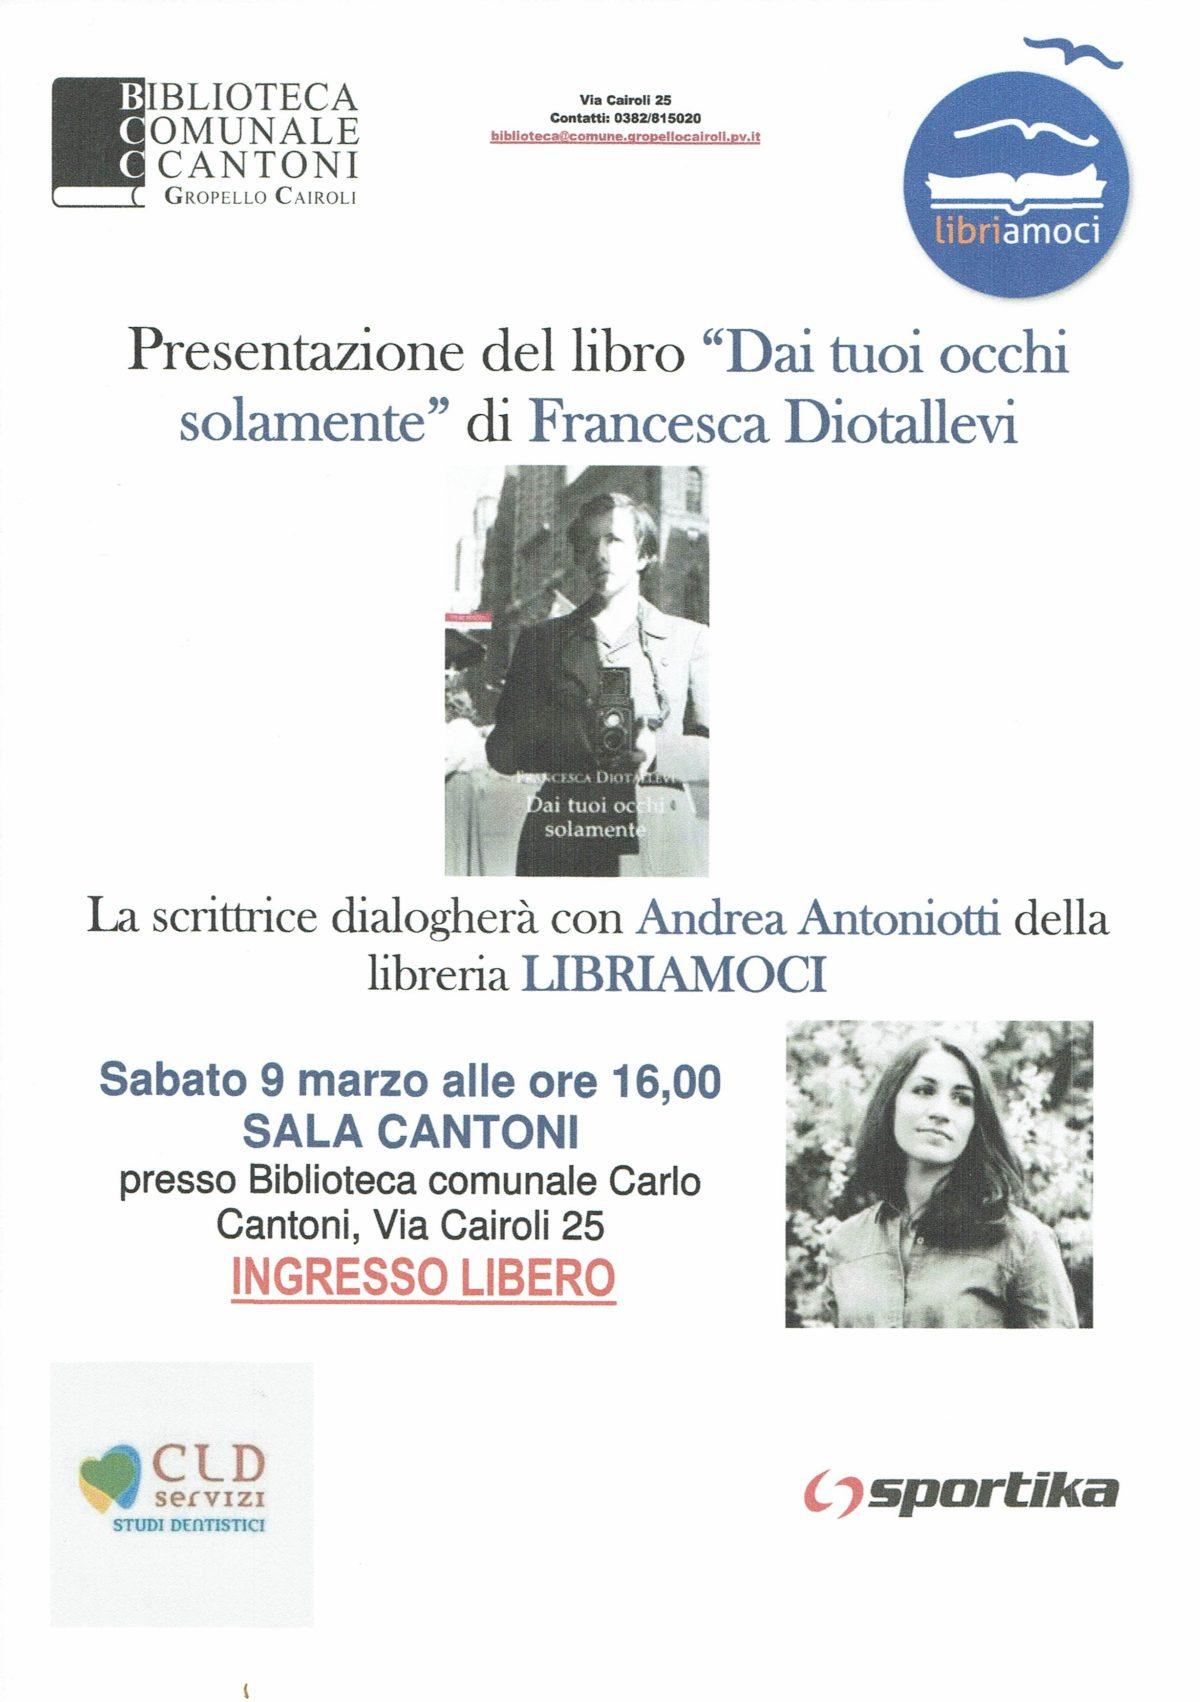 """Sabato 9 marzo alle ore 16,00 Sala Cantoni – Presentazione del libro """"Dai tuoi occhi solamente"""" di Francesca Diotallevi"""